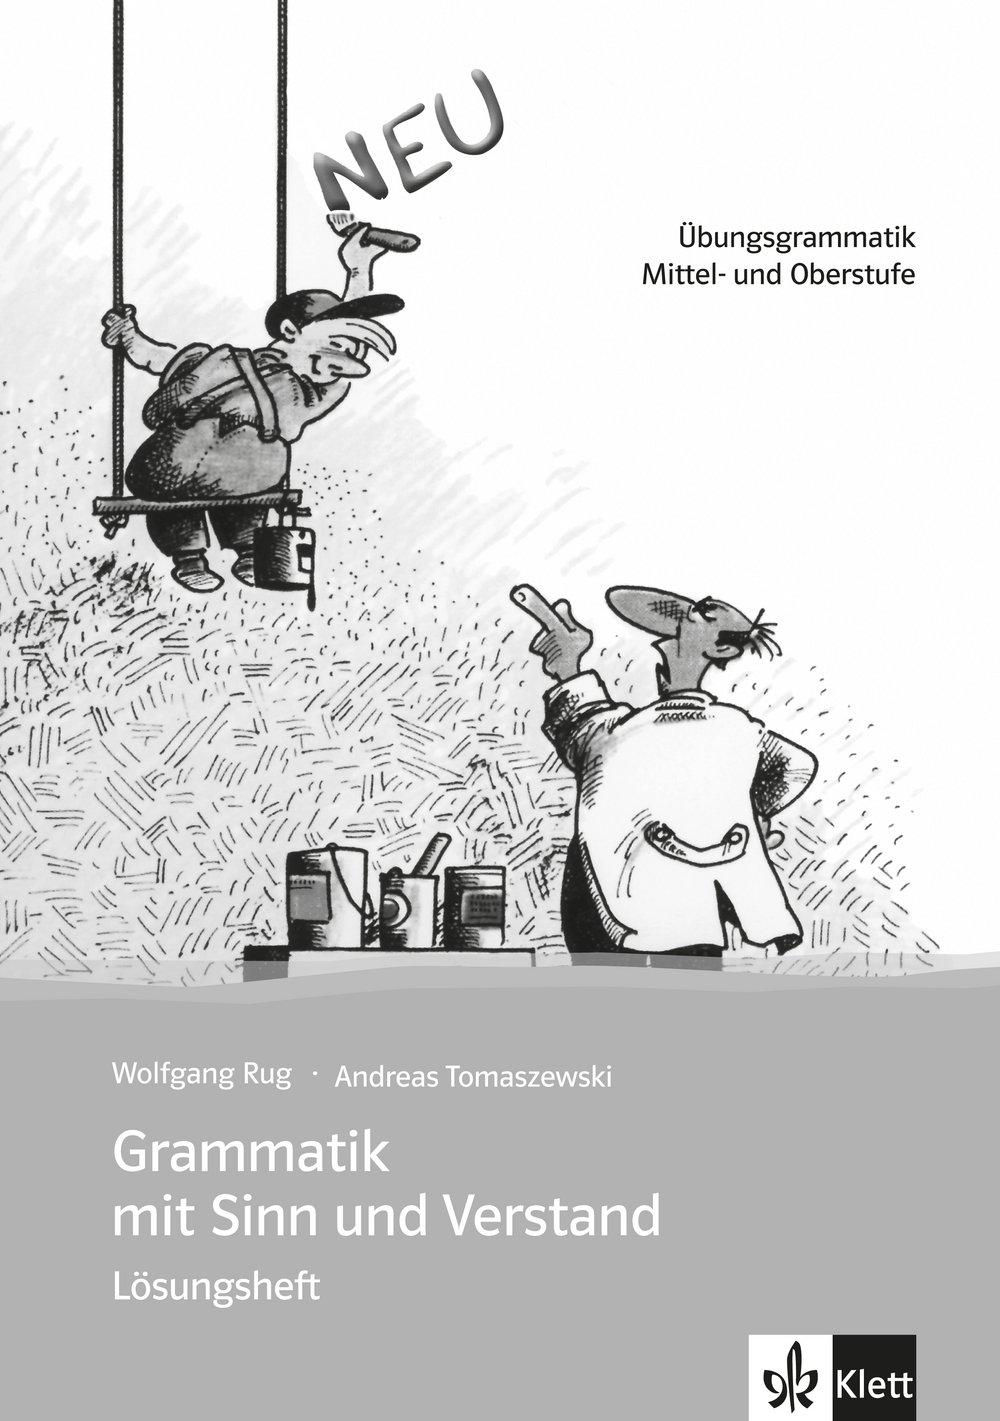 Grammatik mit Sinn: Lösungsheft zur Übungsgrammatik Mittel- und Oberstufe. Lösungsheft